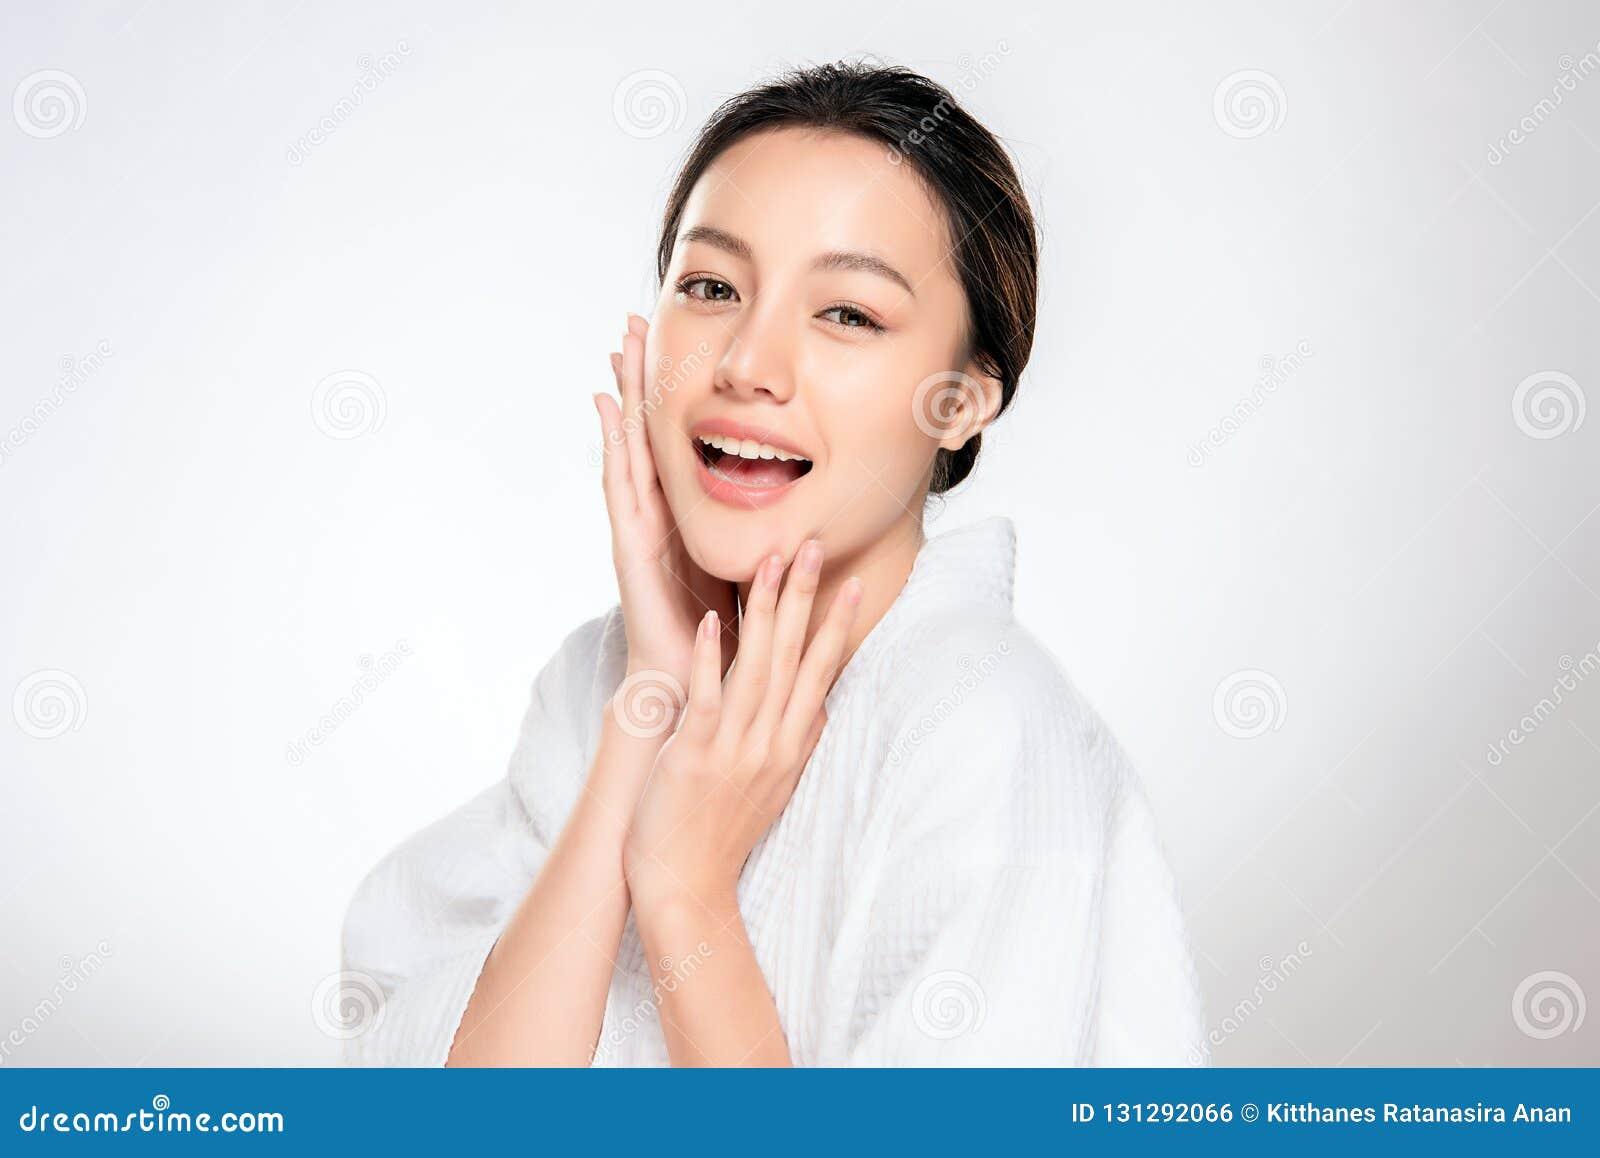 Asian facial pics xxx photo